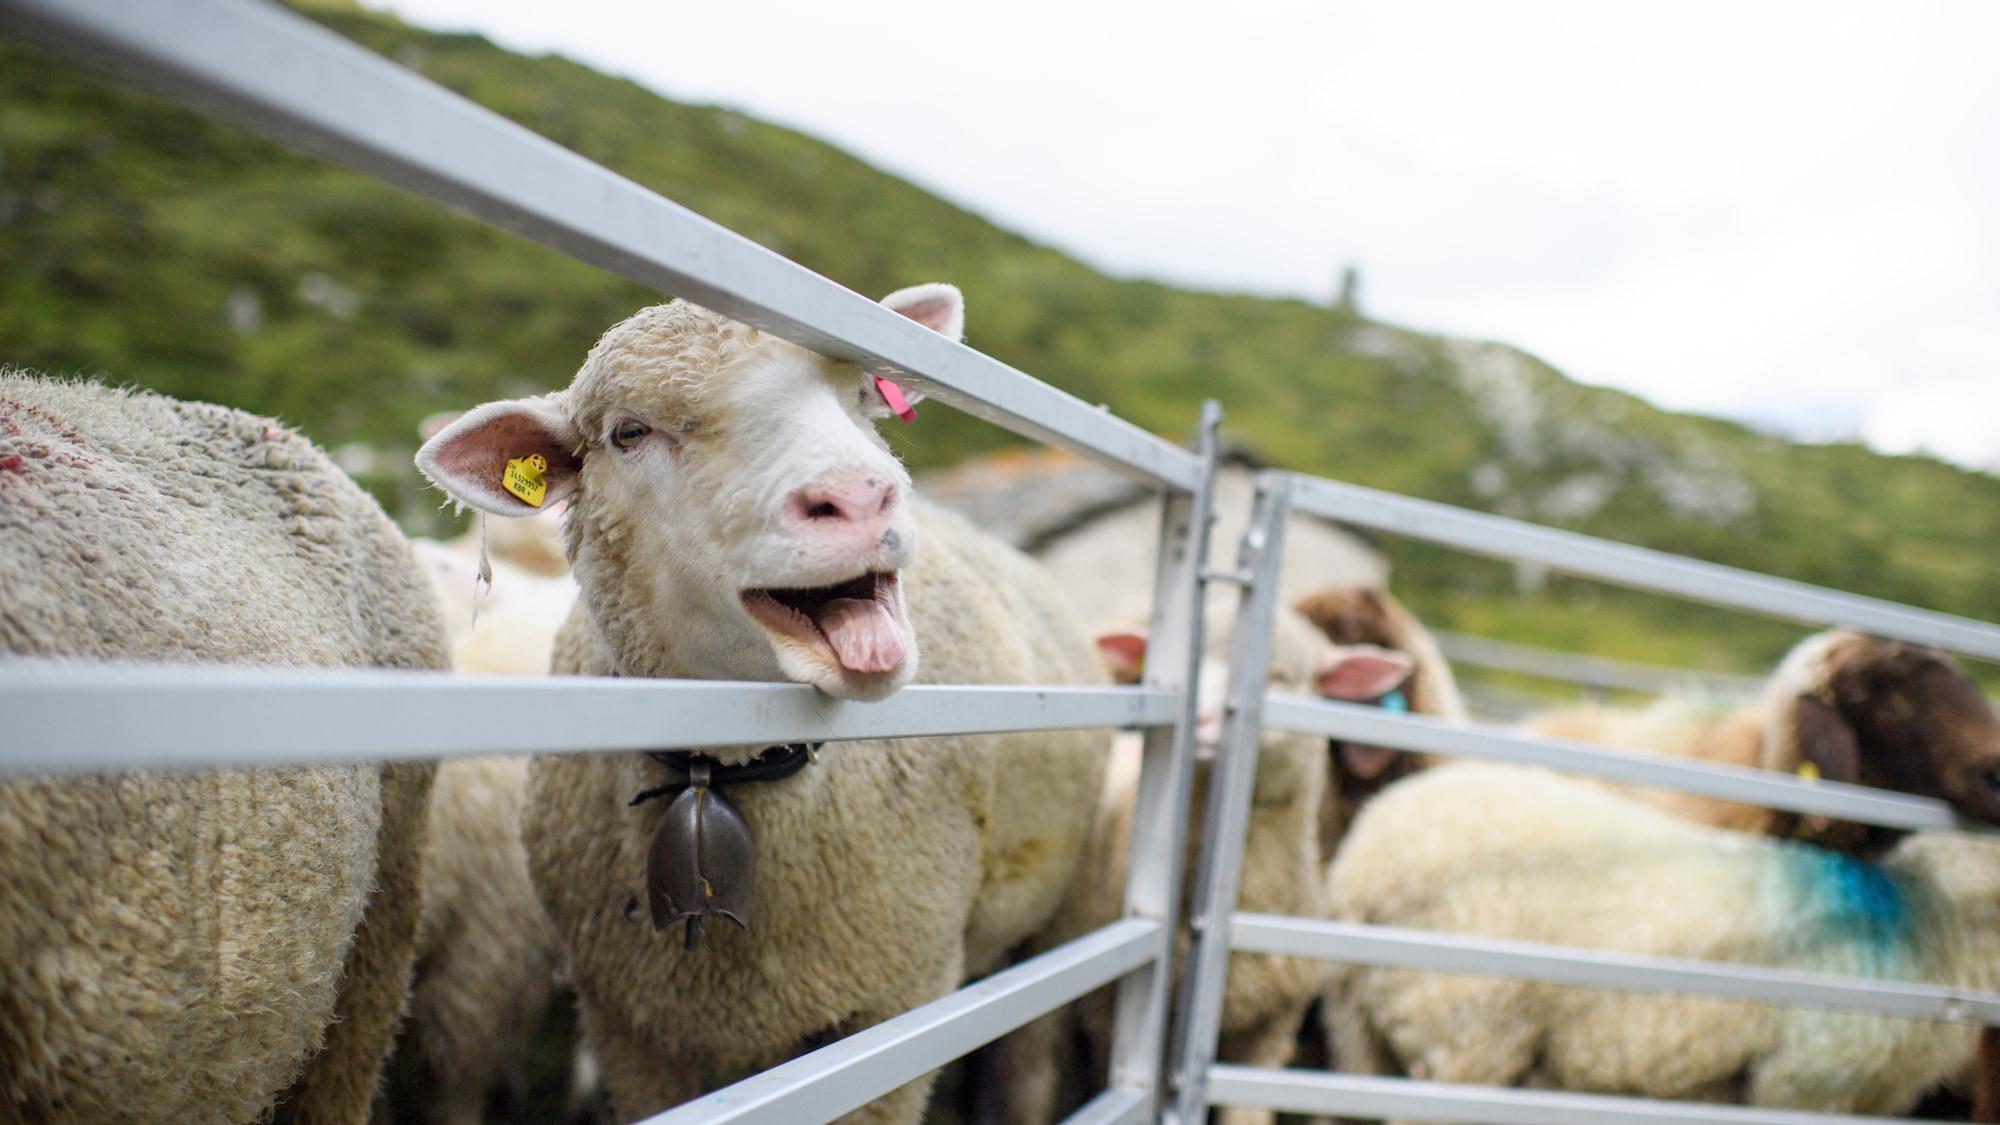 Vom Hof in Evionnaz VS: Tierdiebe klauen 40 Oster-Lämmer